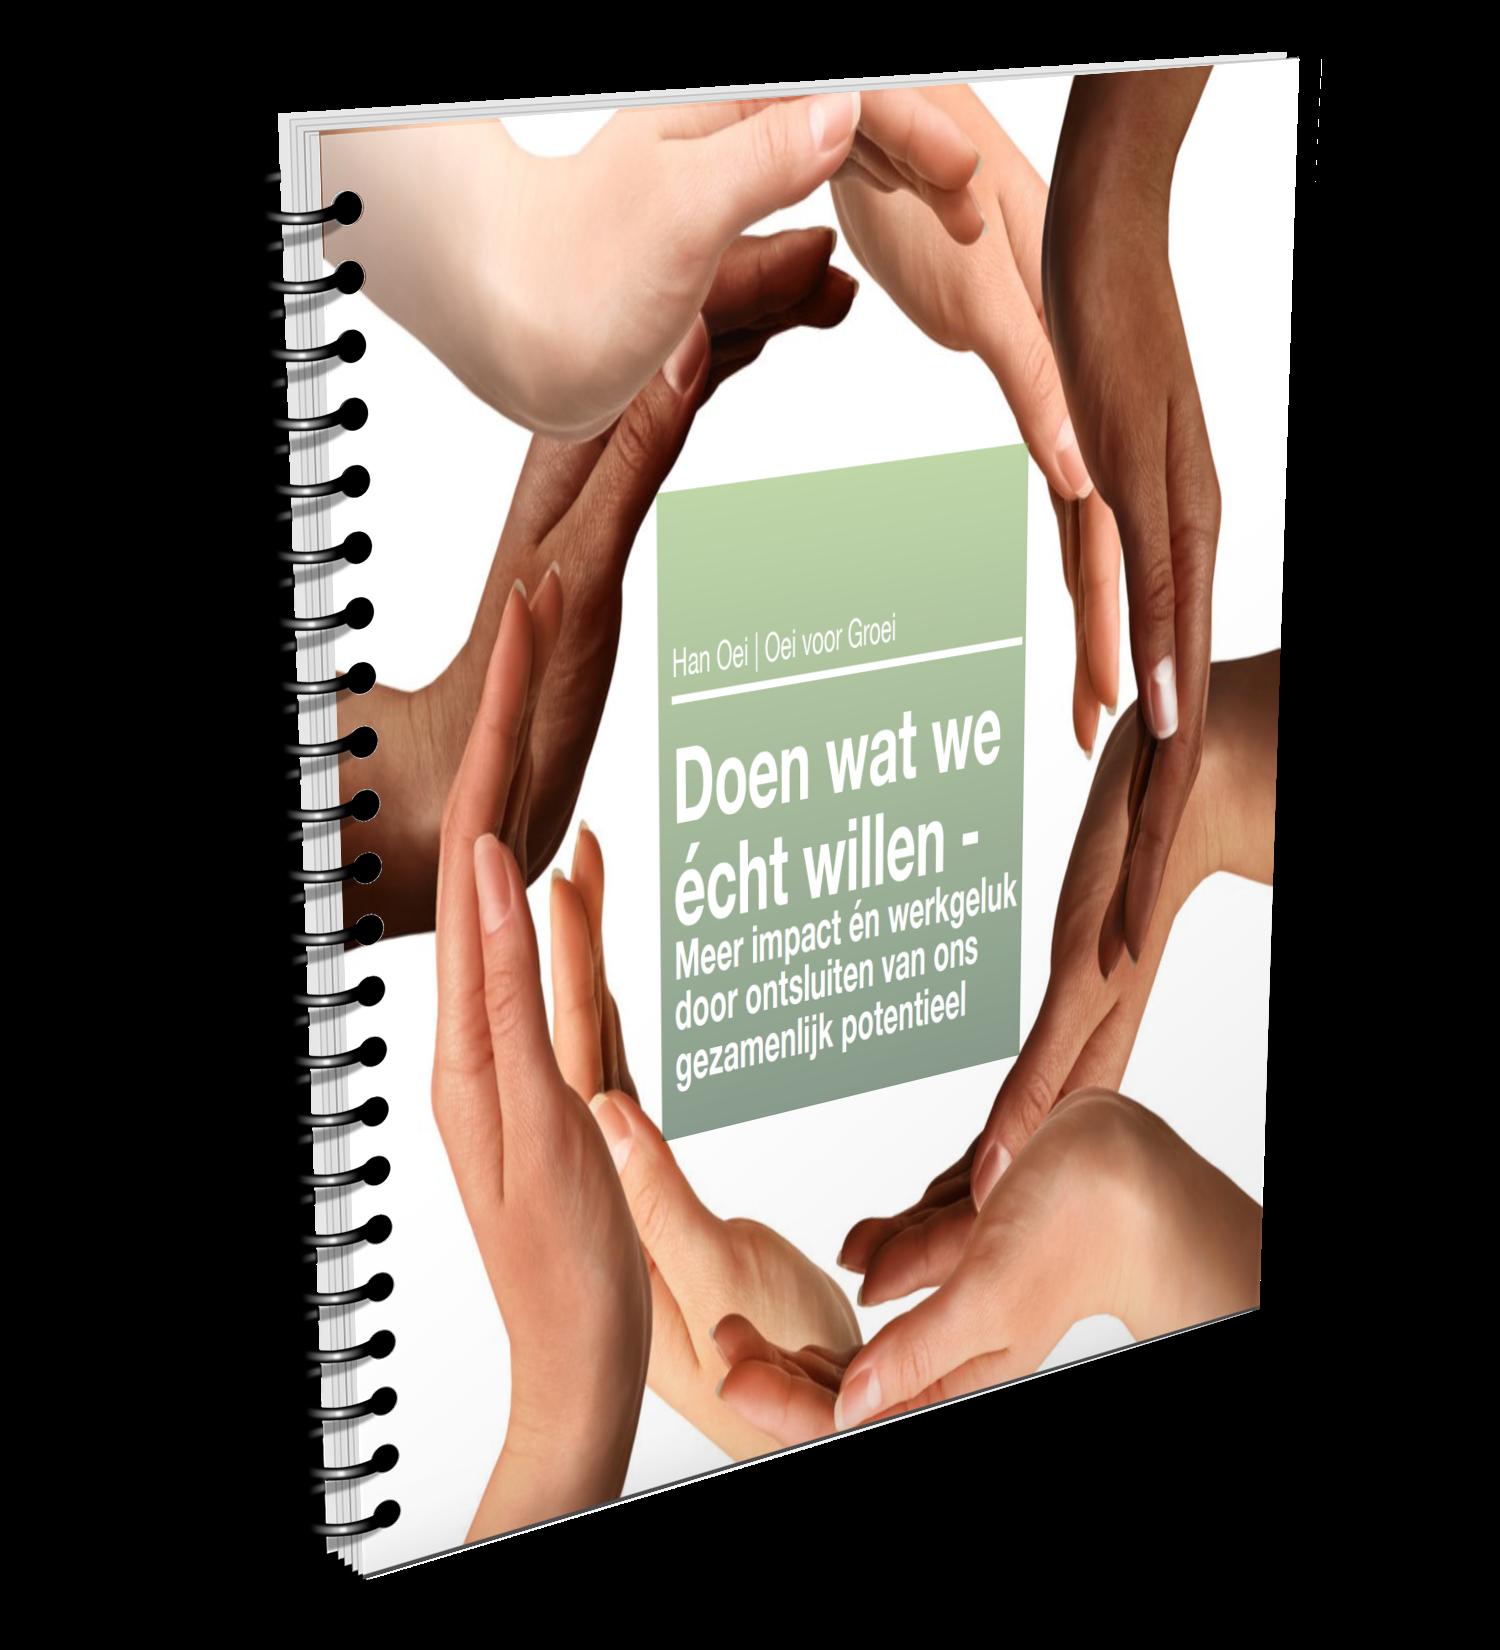 eBoek Doen wat we écht willen | Han Oei | Coaching | Utrecht